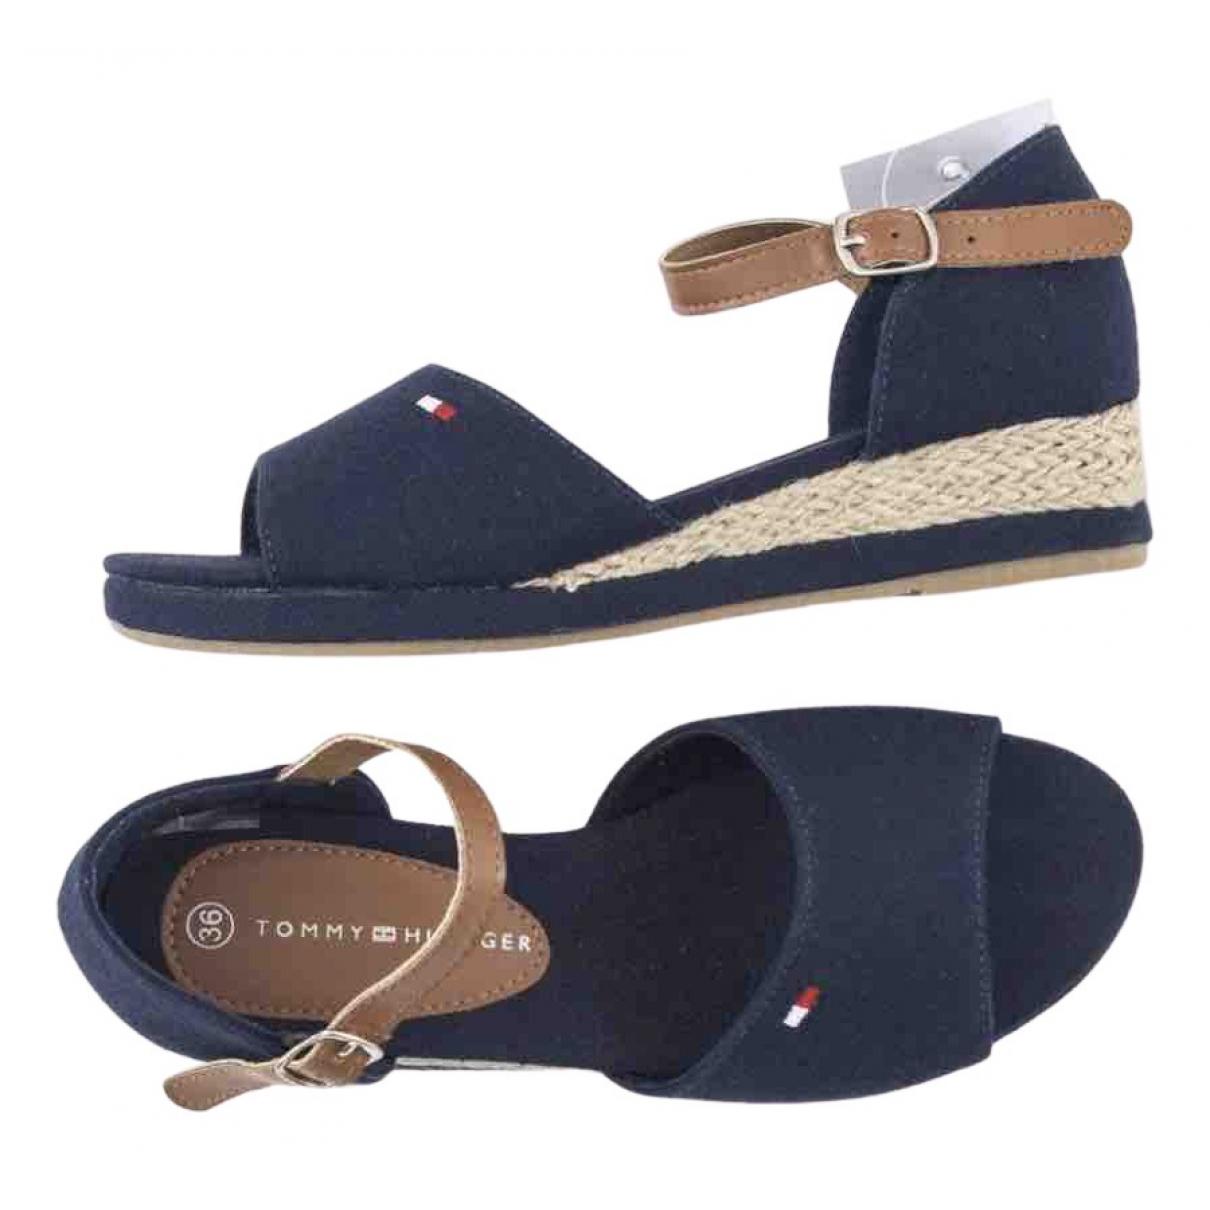 Tommy Hilfiger N Blue Denim - Jeans Espadrilles for Women 36 EU